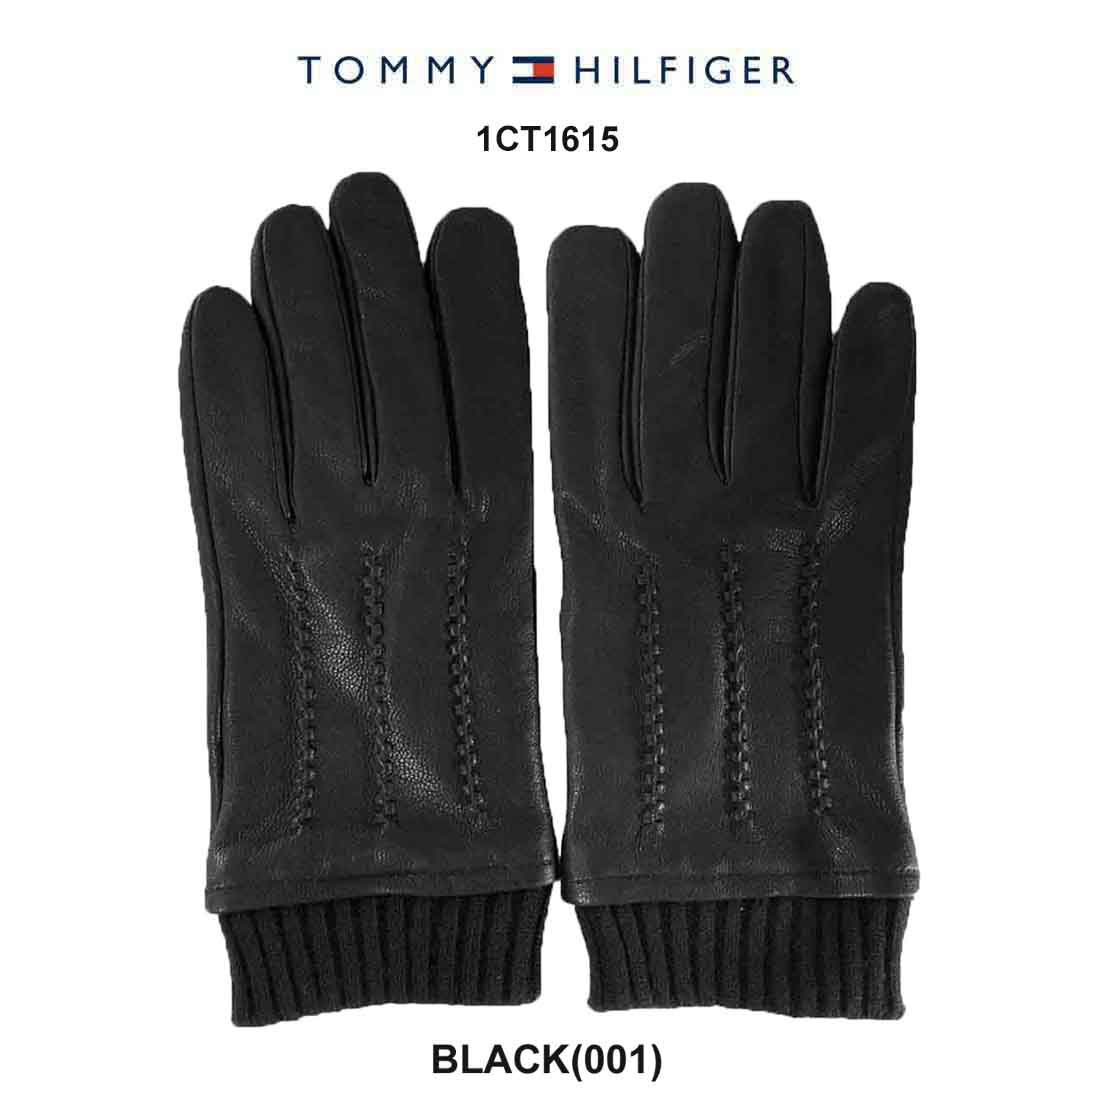 送料無料 並行輸入品 TOMMY HILFIGER トミーヒルフィガー 1CT1615 タッチグローブ スマホ 手袋 激安通販販売 セール価格 メンズ